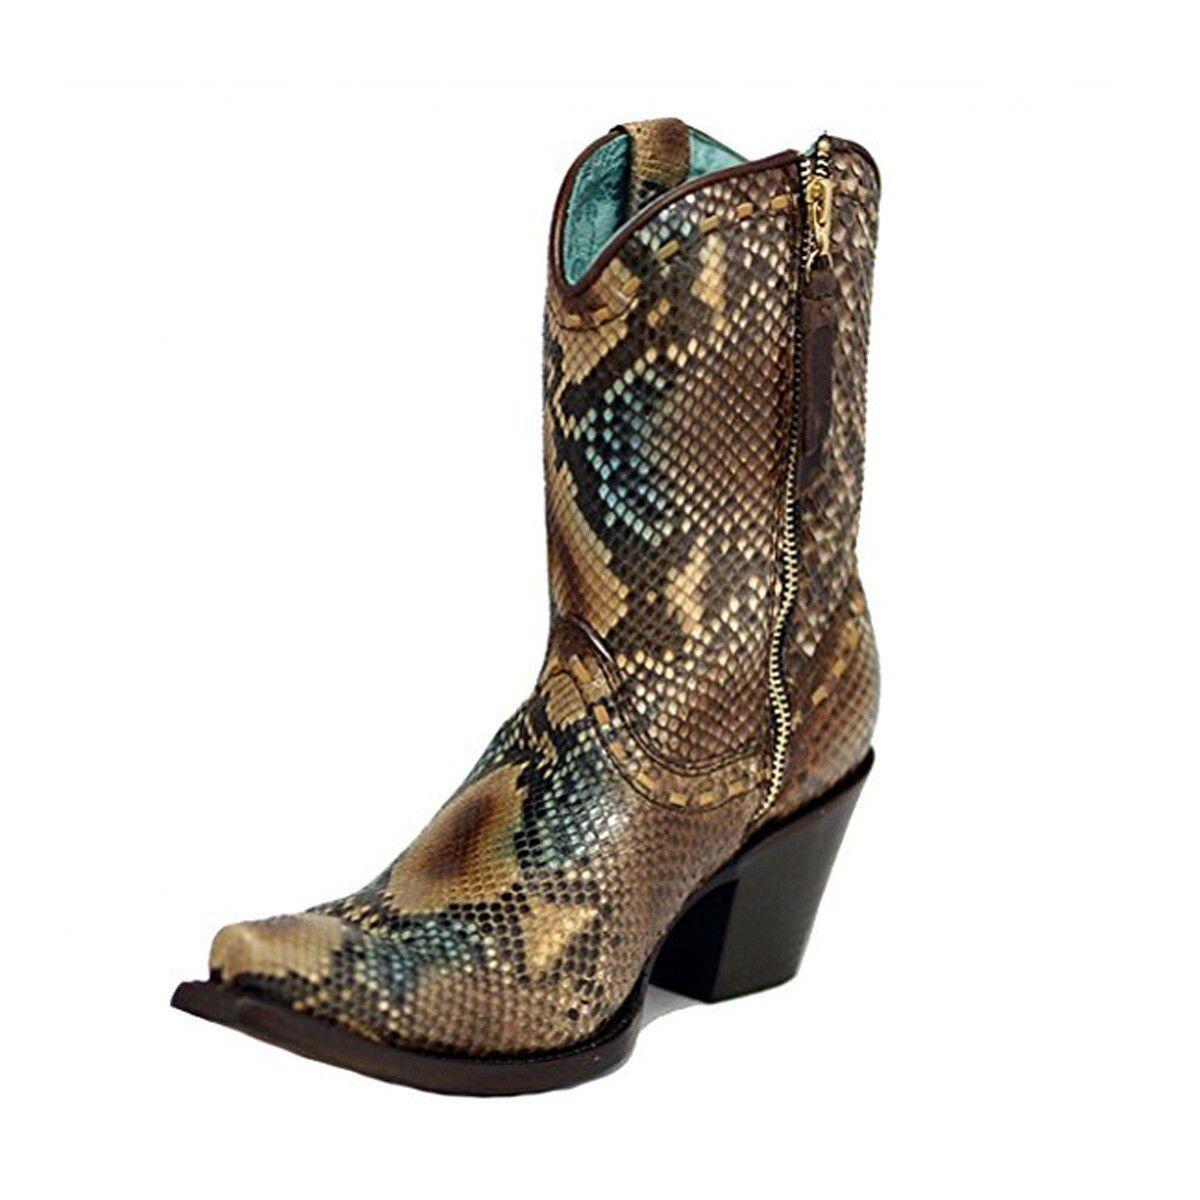 Corral Para Mujer python python python botas Cortas Top SNIP Toe Vaquera Suela de Cuero C2798  suministro de productos de calidad